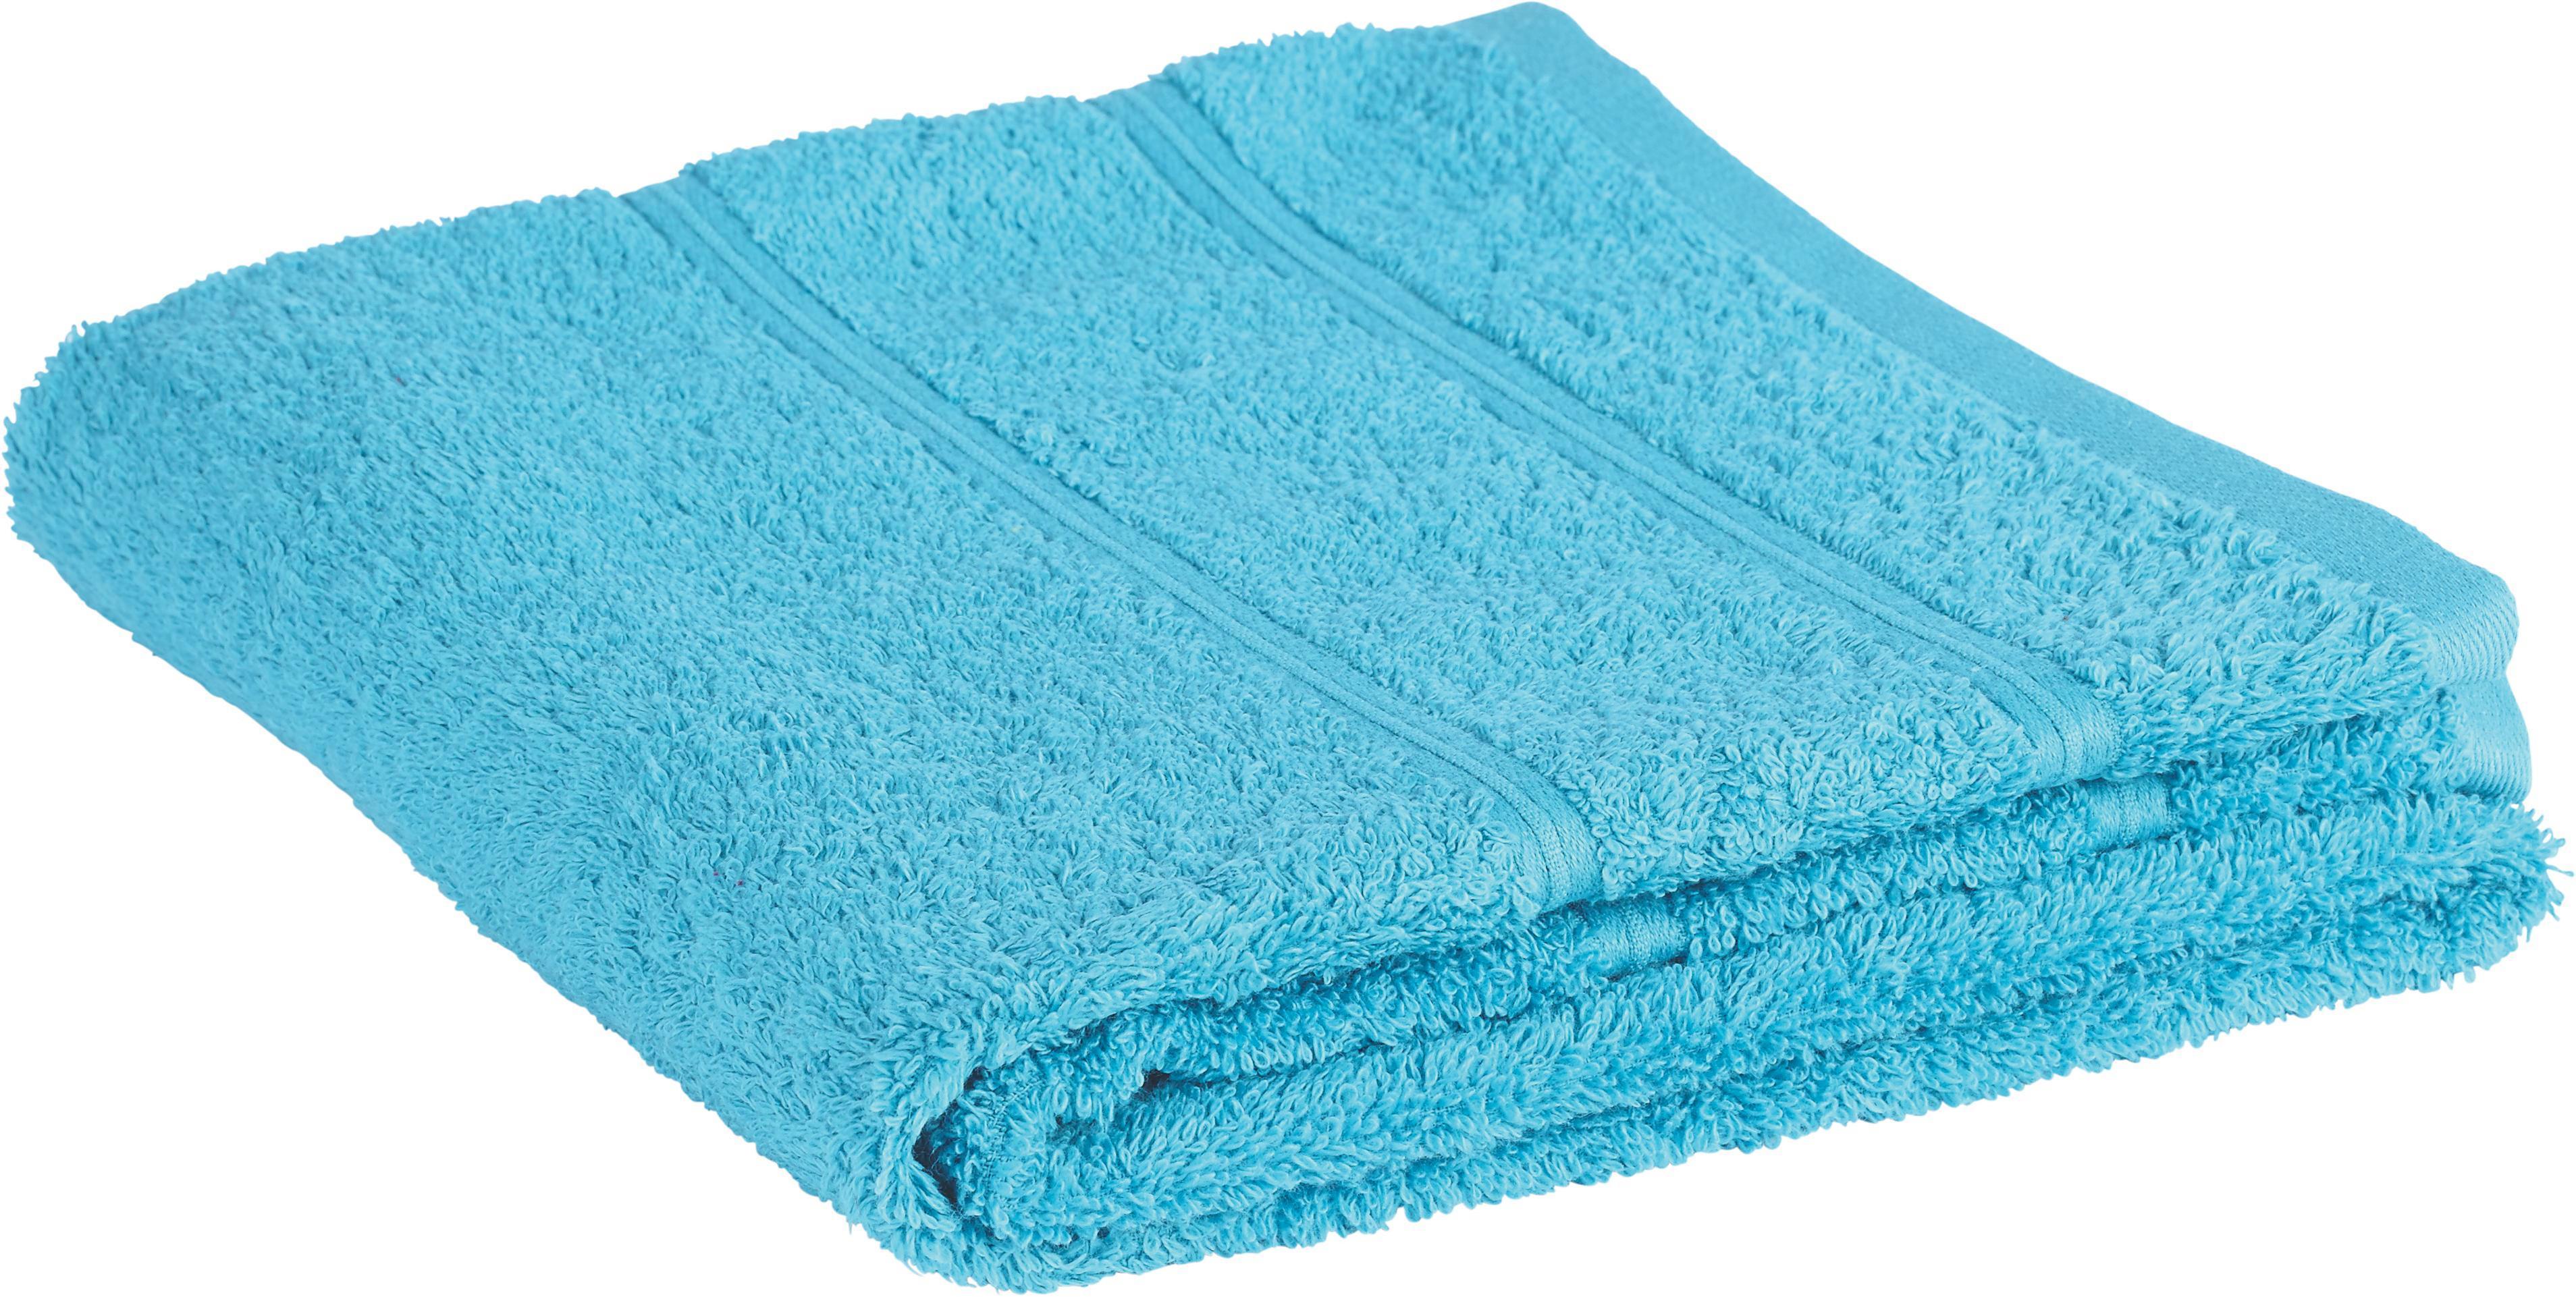 Handtuch Melanie in Aqua - Blau, Textil (50/100cm) - MÖMAX modern living